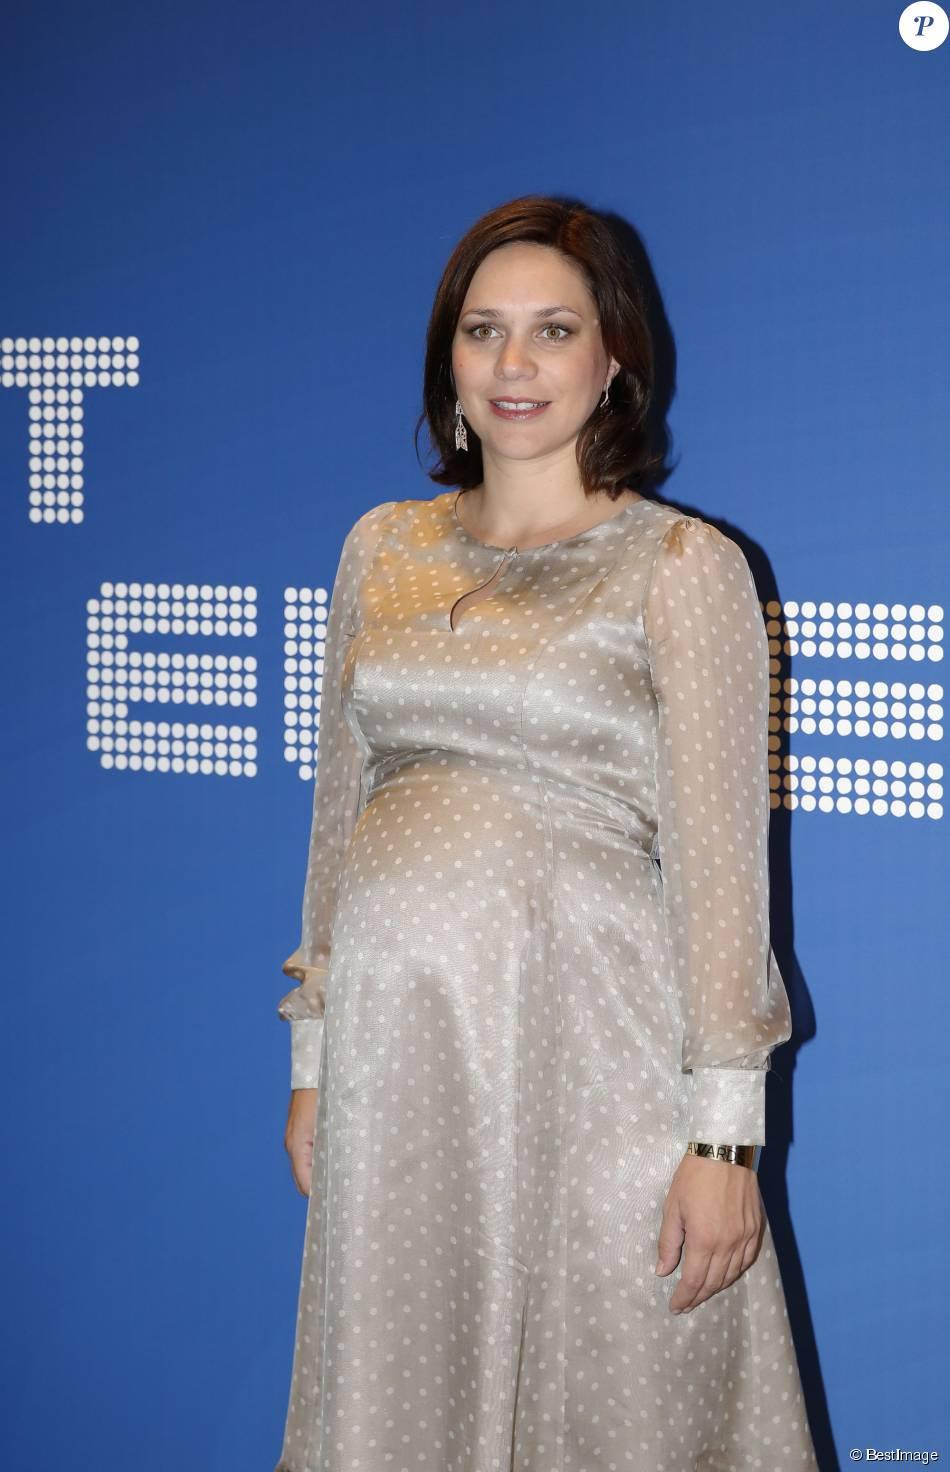 Nathalie p chalat enceinte 26e dition des sportel for Natali pechalat